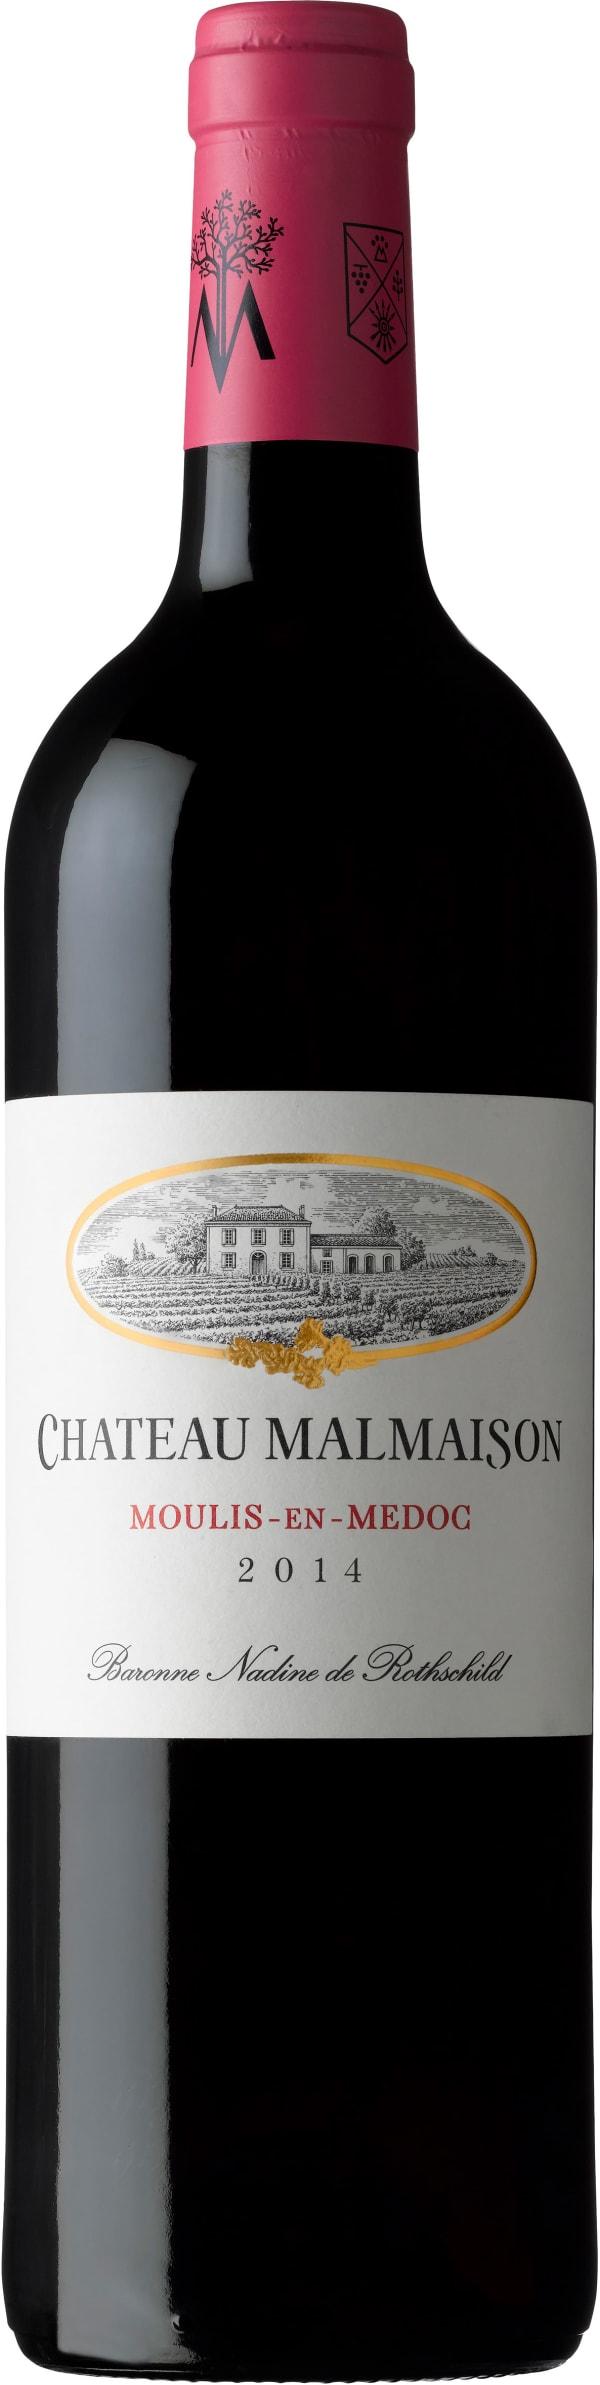 Chateau Malmaison 2012